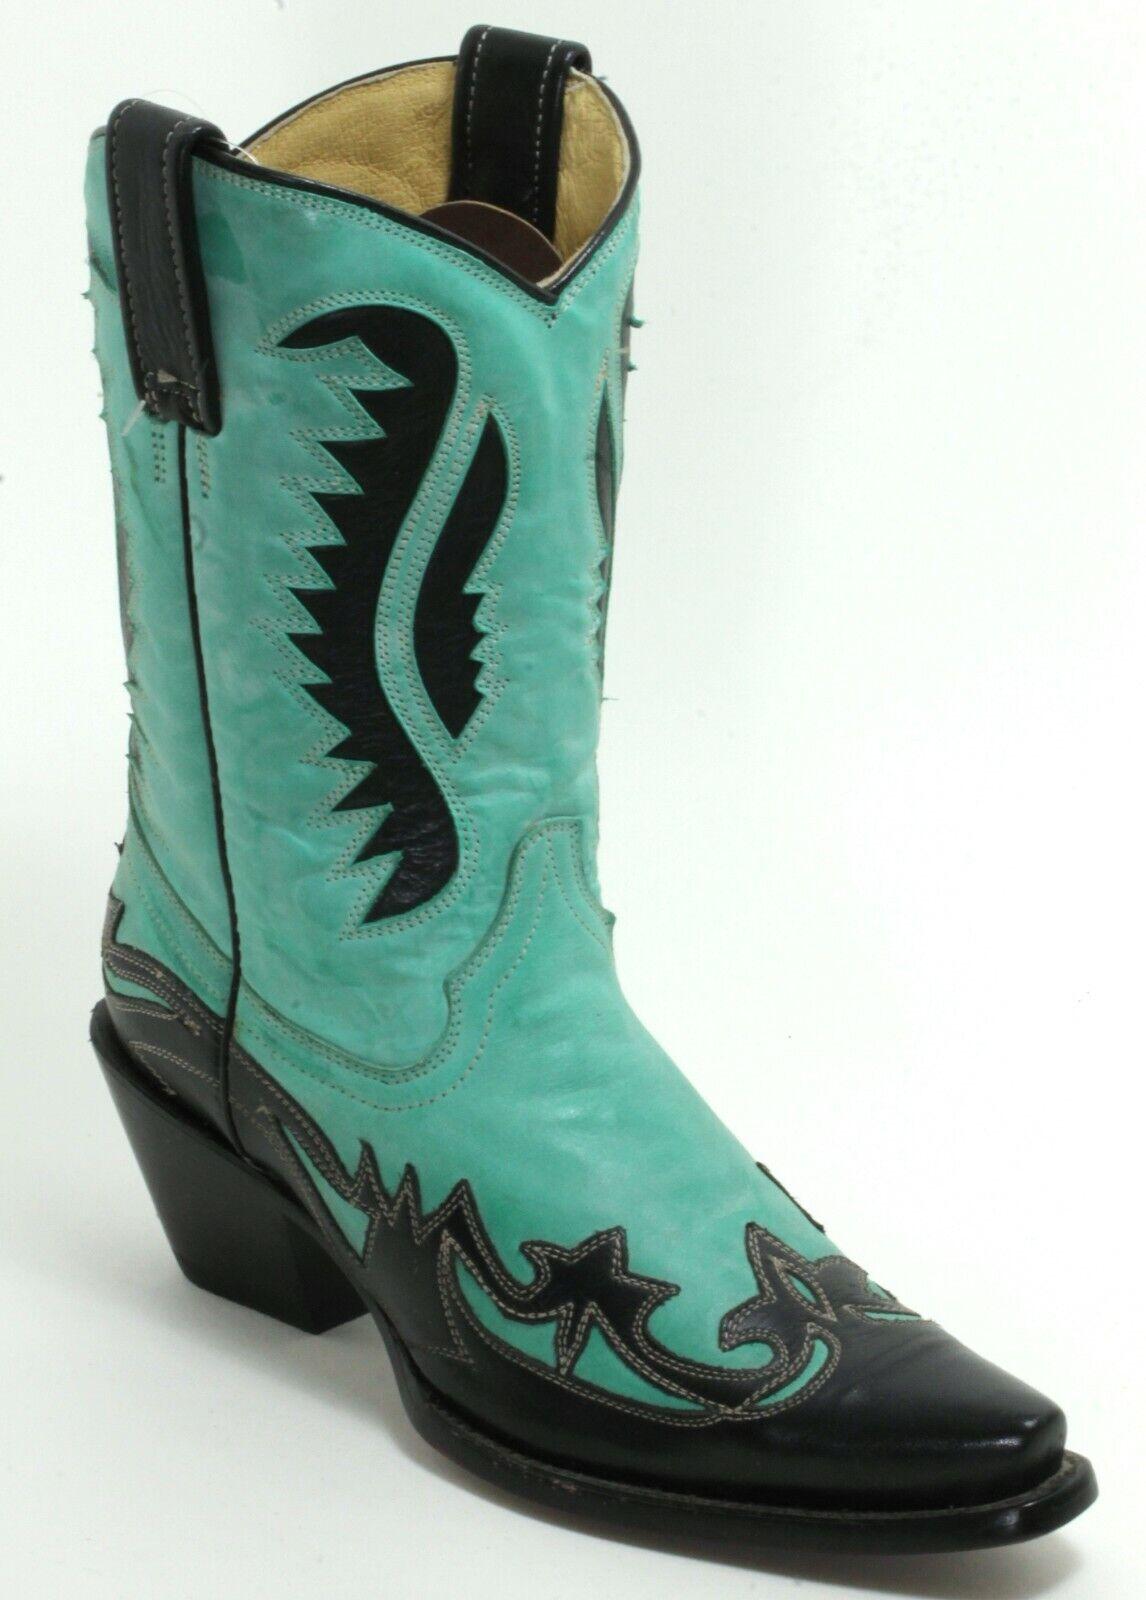 266 Cowboystiefel Westernstiefel Texas Catalan Style Fashion American Bull 36